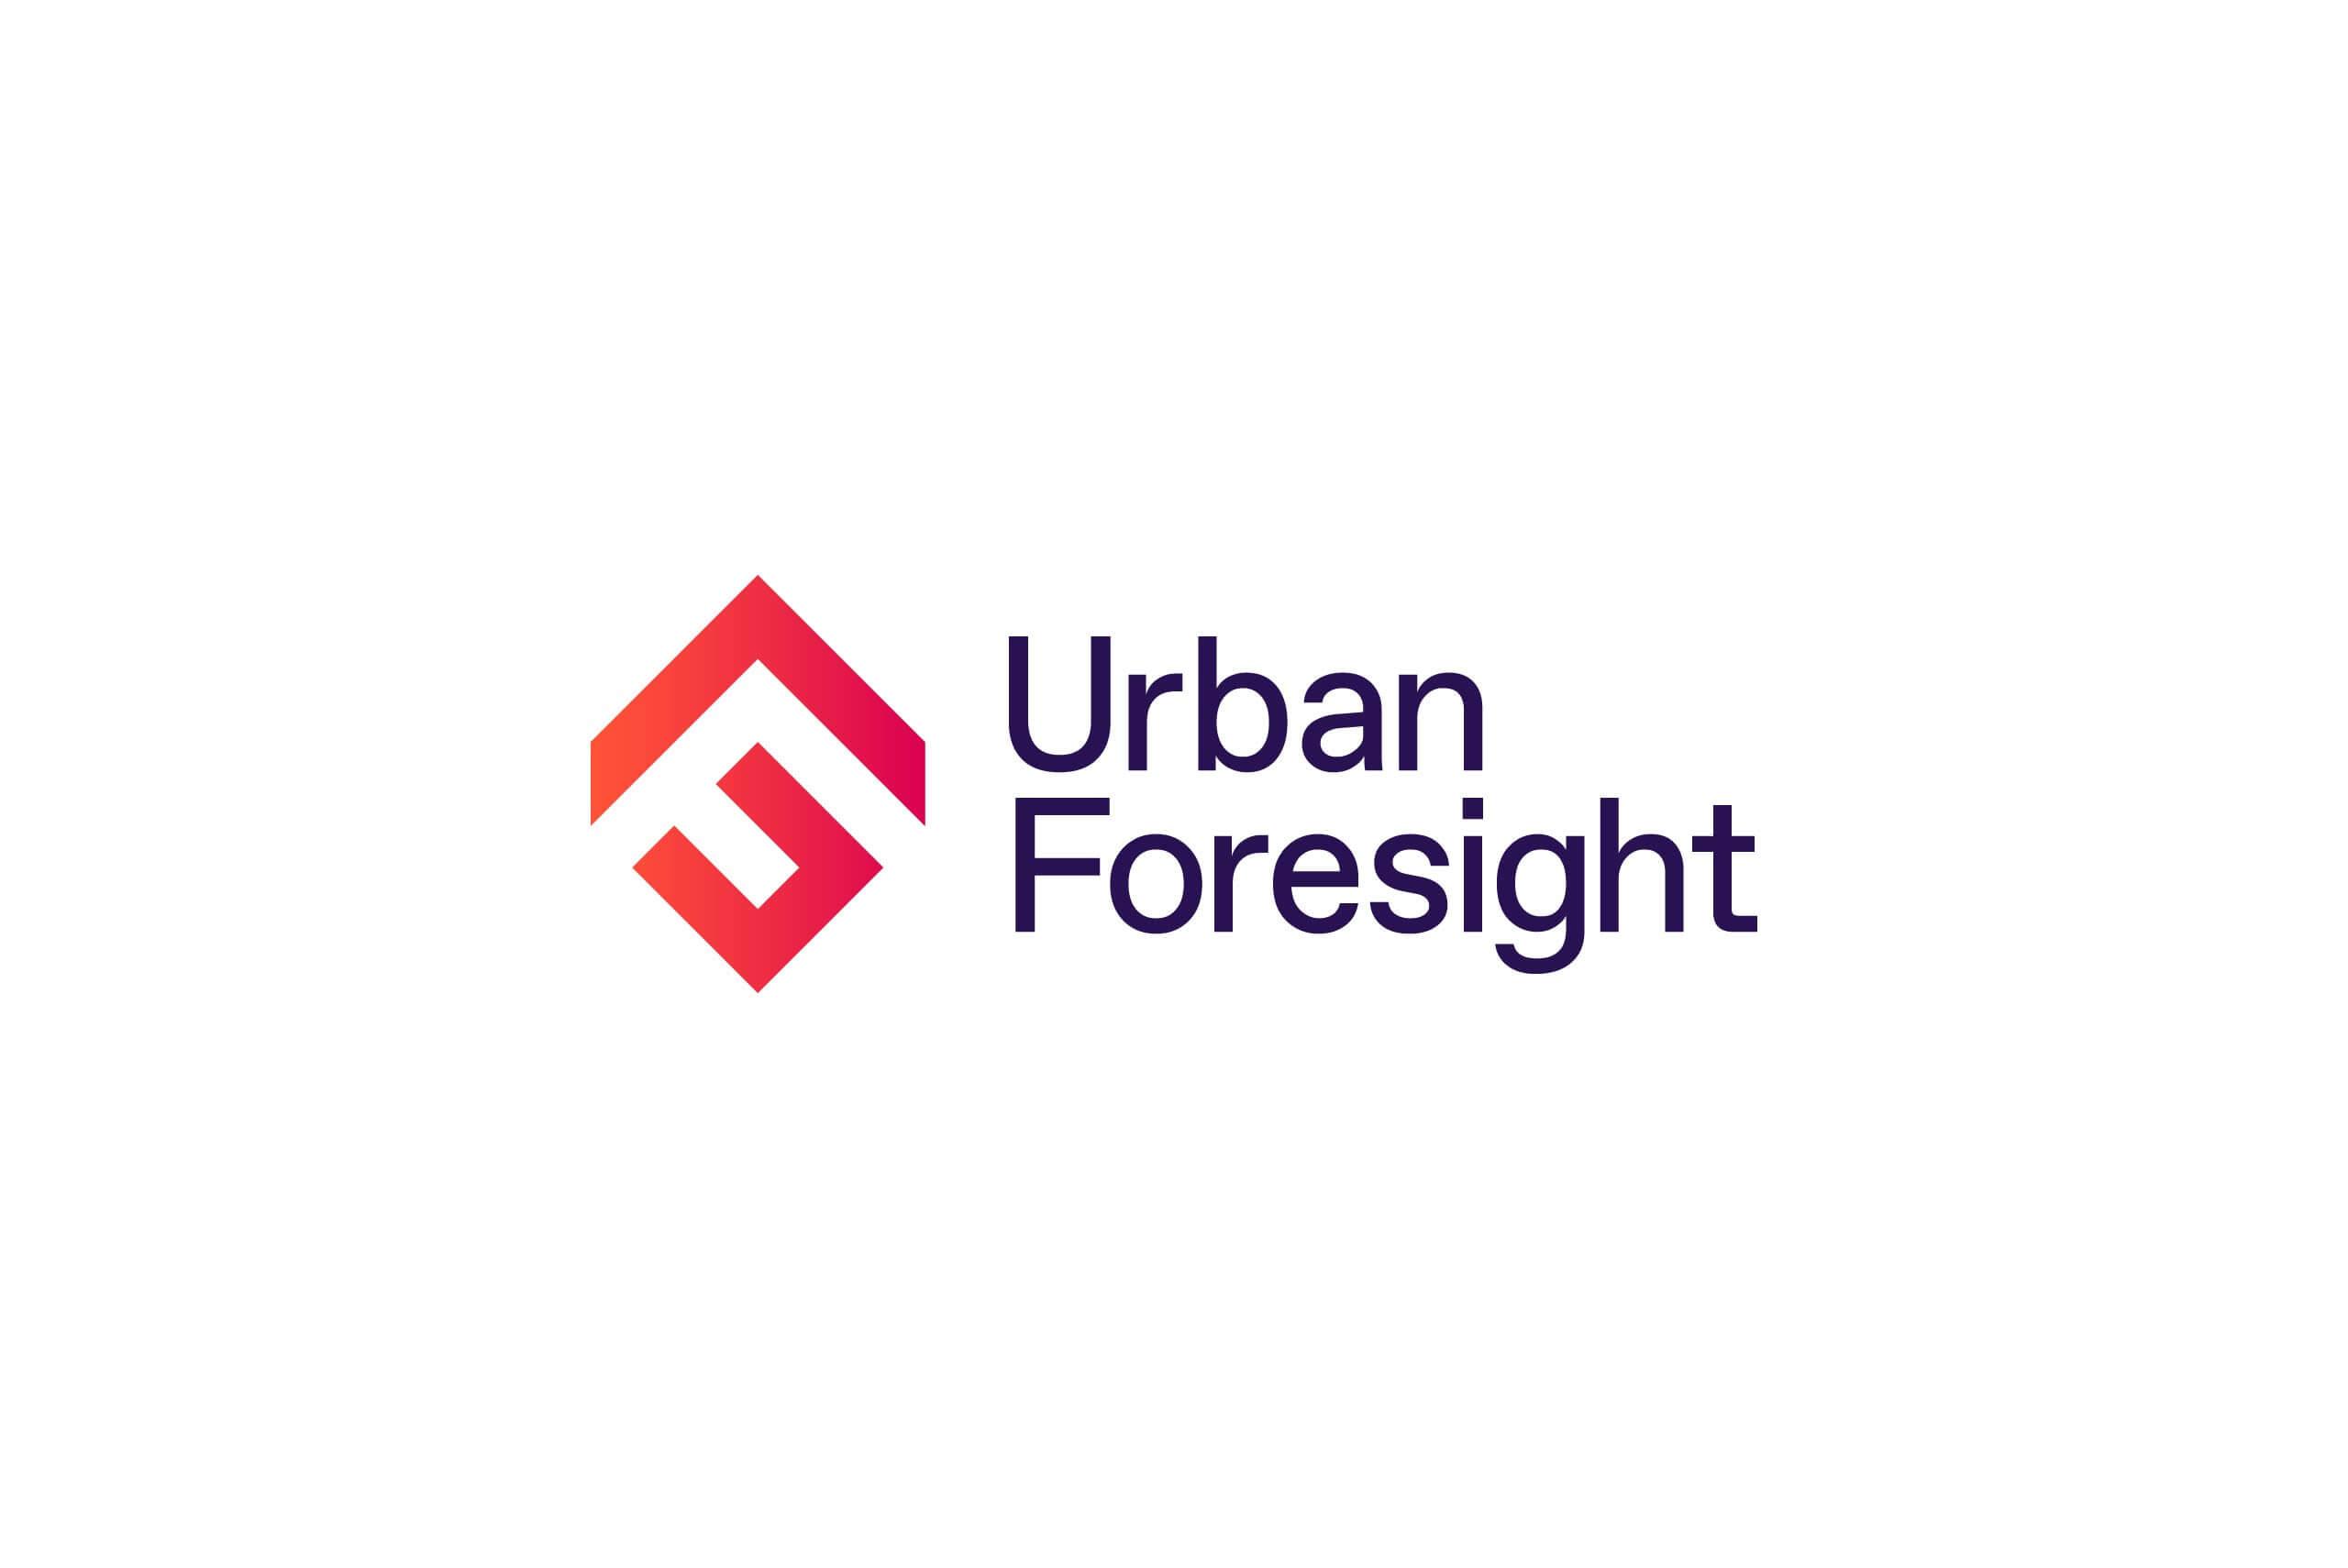 FRH-Urban Foresight1 copy 12